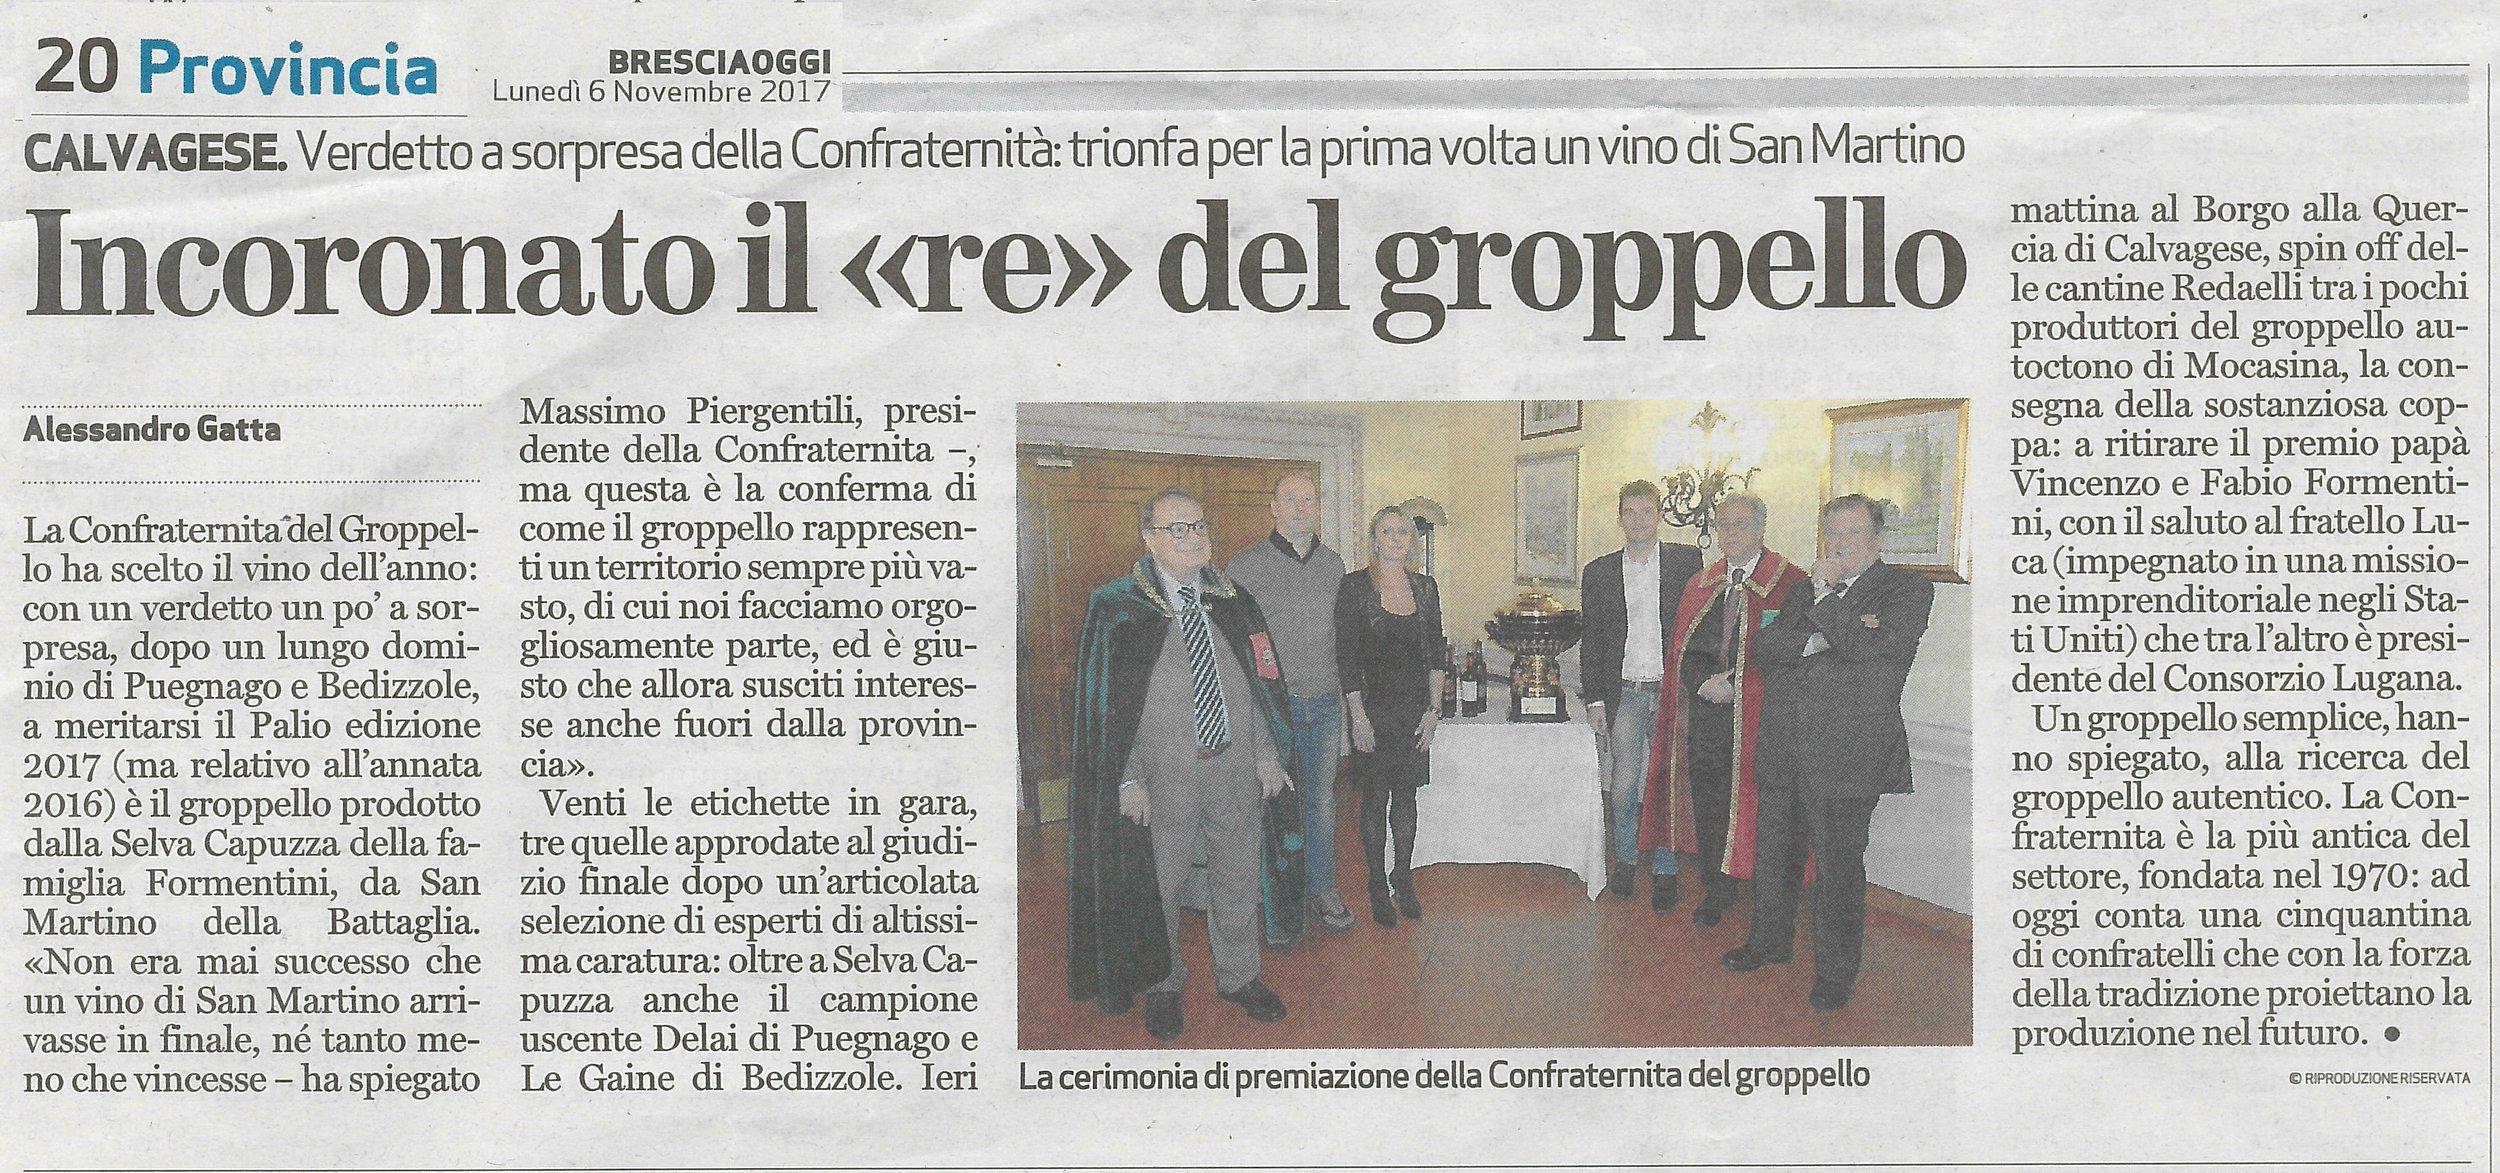 20171108_Bresciaoggi_pag. 20_Premio Groppello.jpg